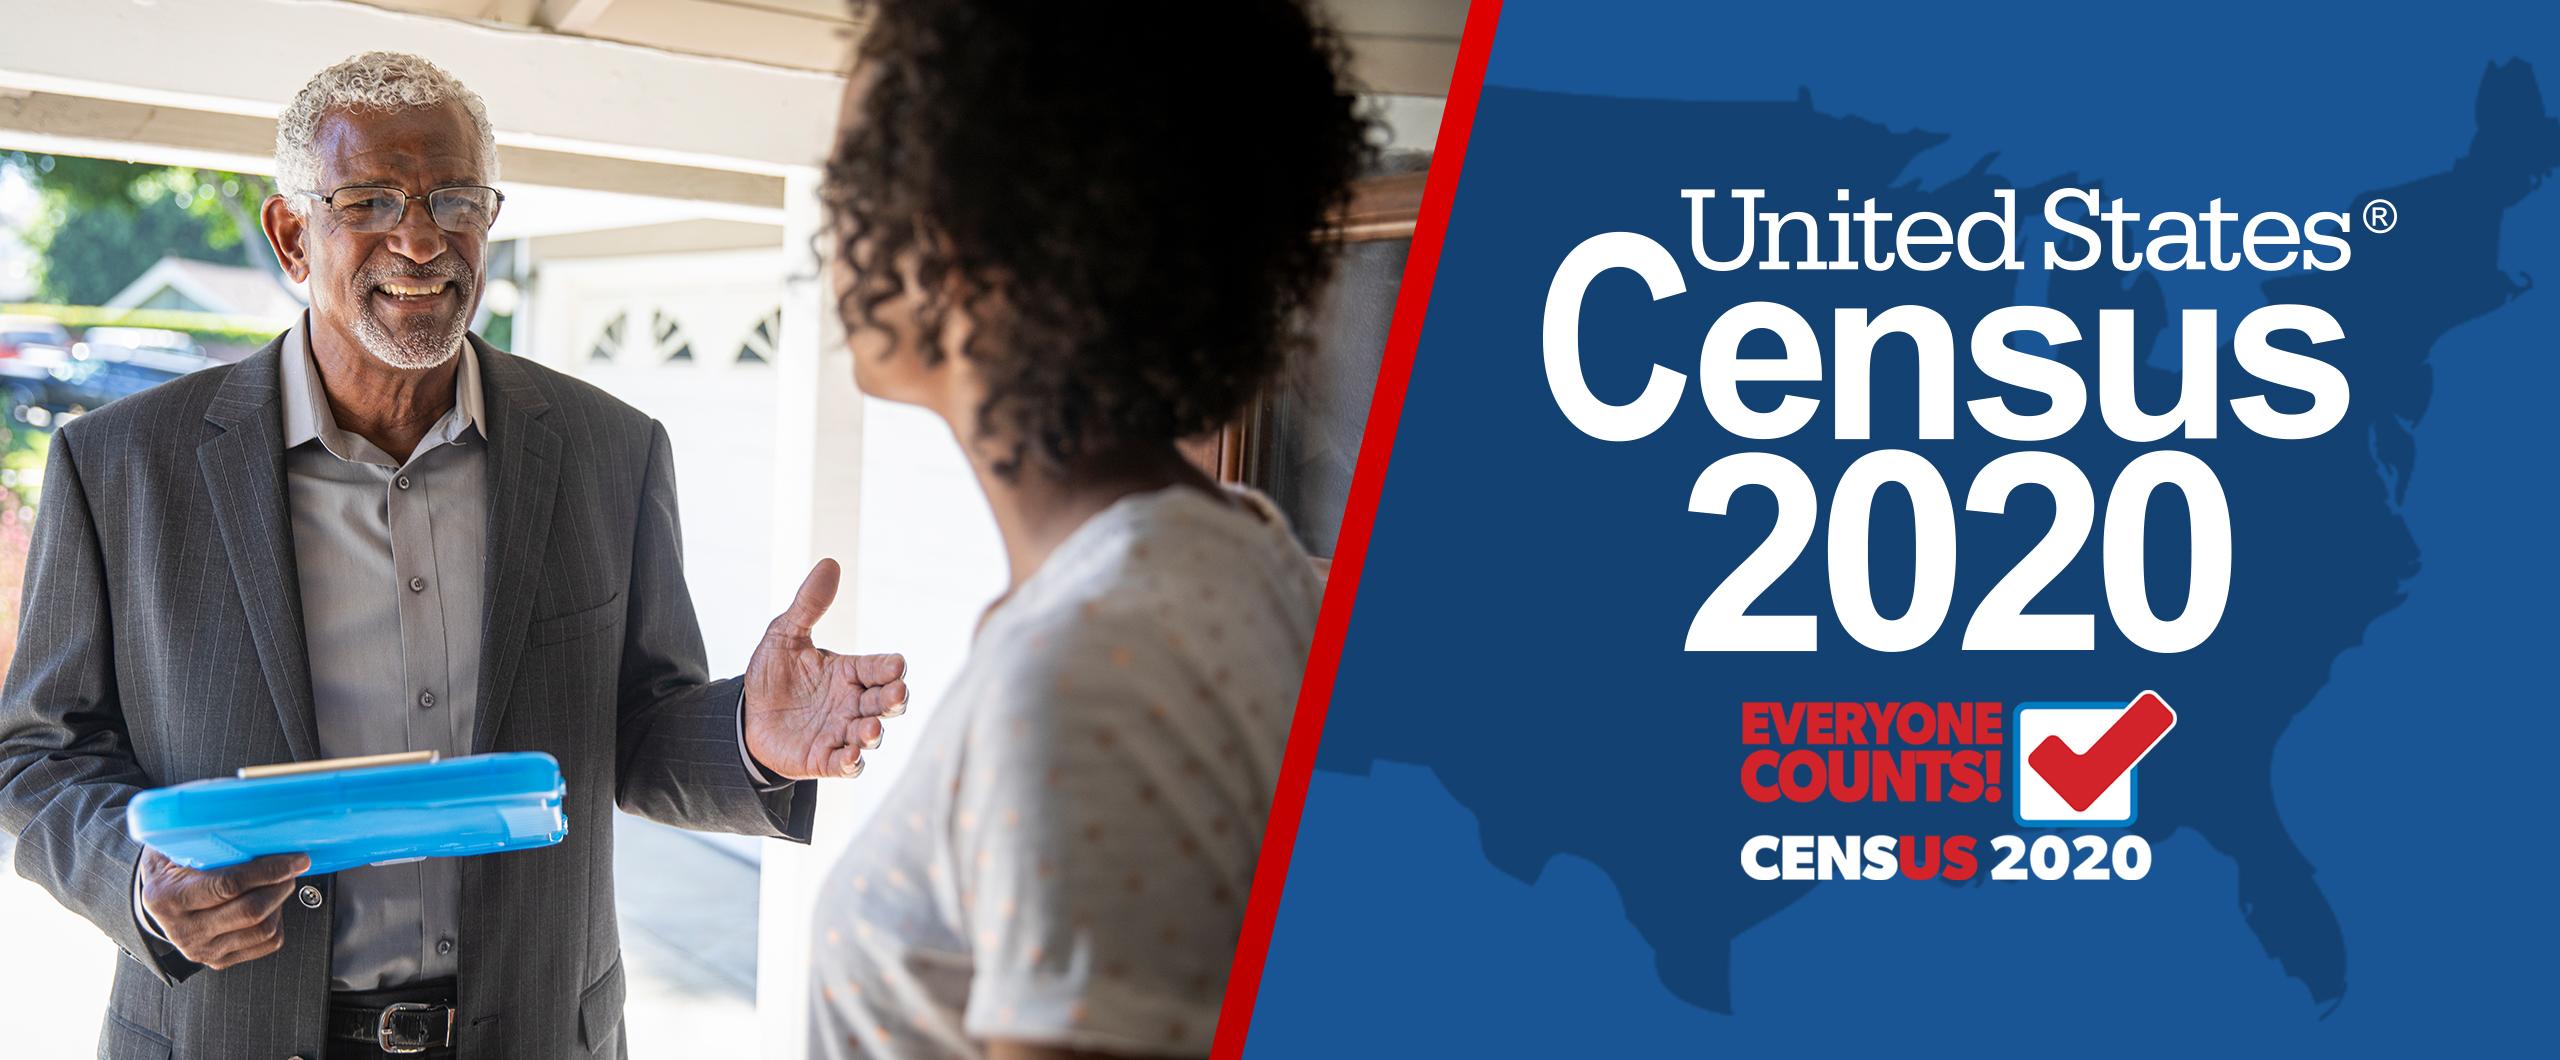 Census Promo